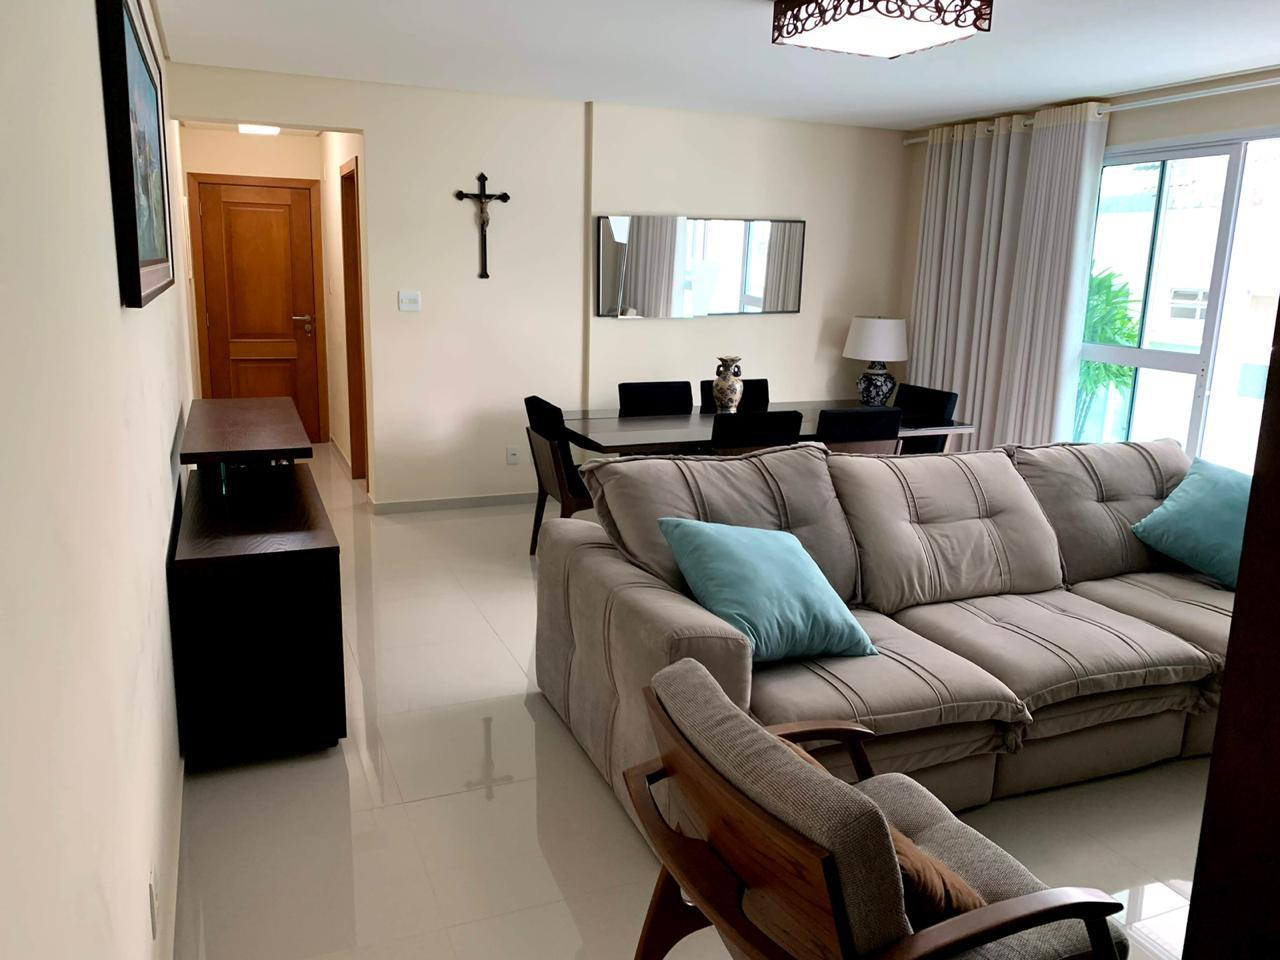 Excelente semi novo apartamento com 160m, uma quadra da Praia, Duas vagas de garagem, 3 suítes - foto 9